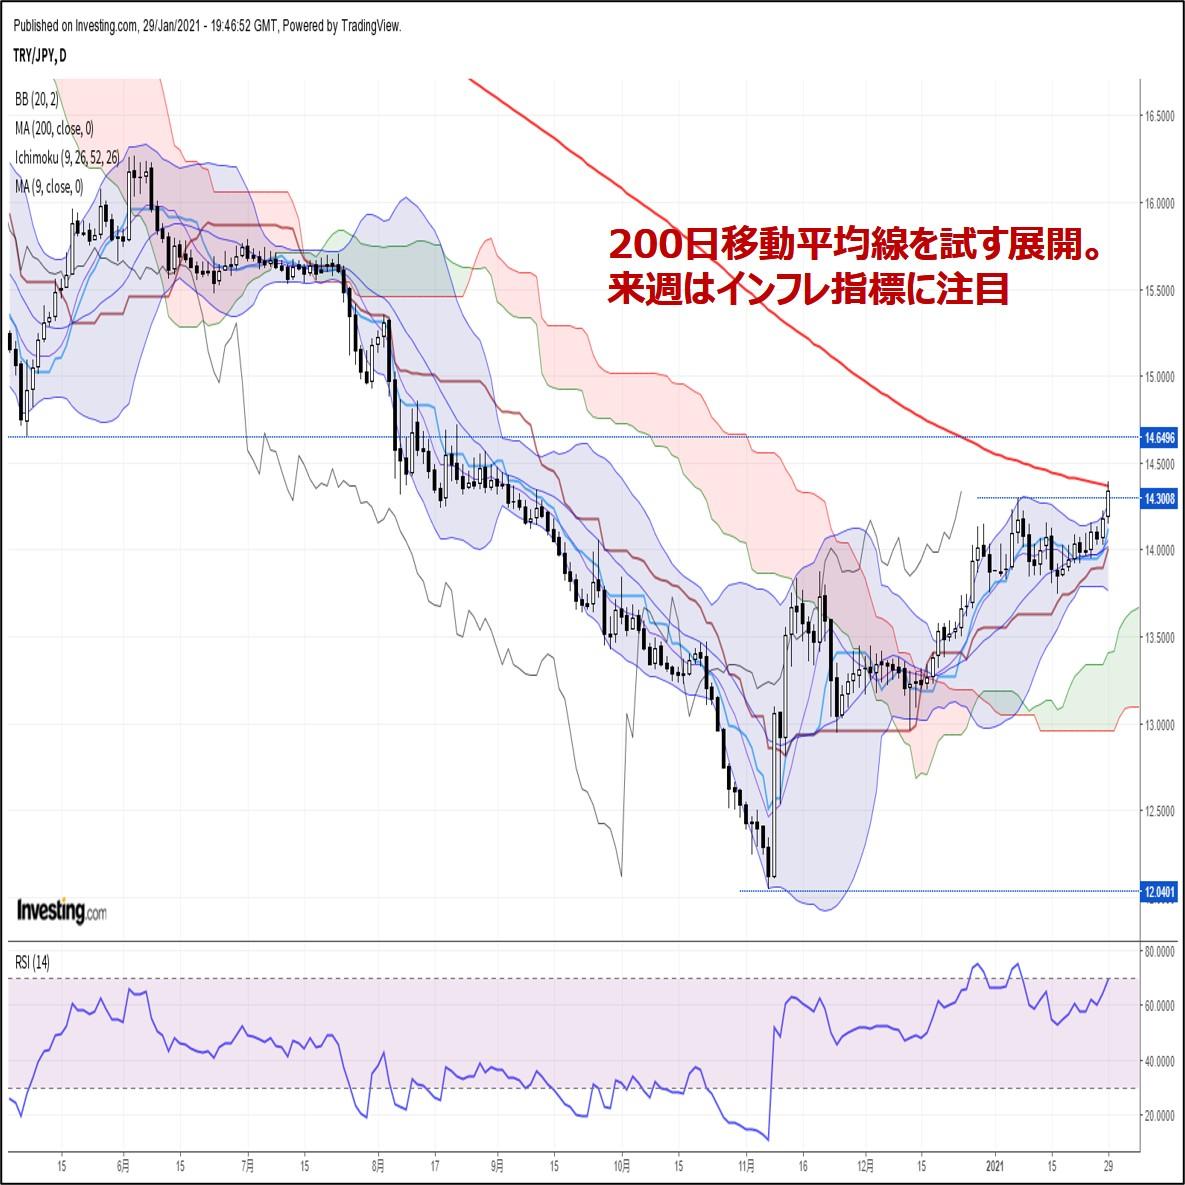 トルコリラ週報:『200日線を試す展開。来週はインフレ指標がメインイベント』(1/30朝)